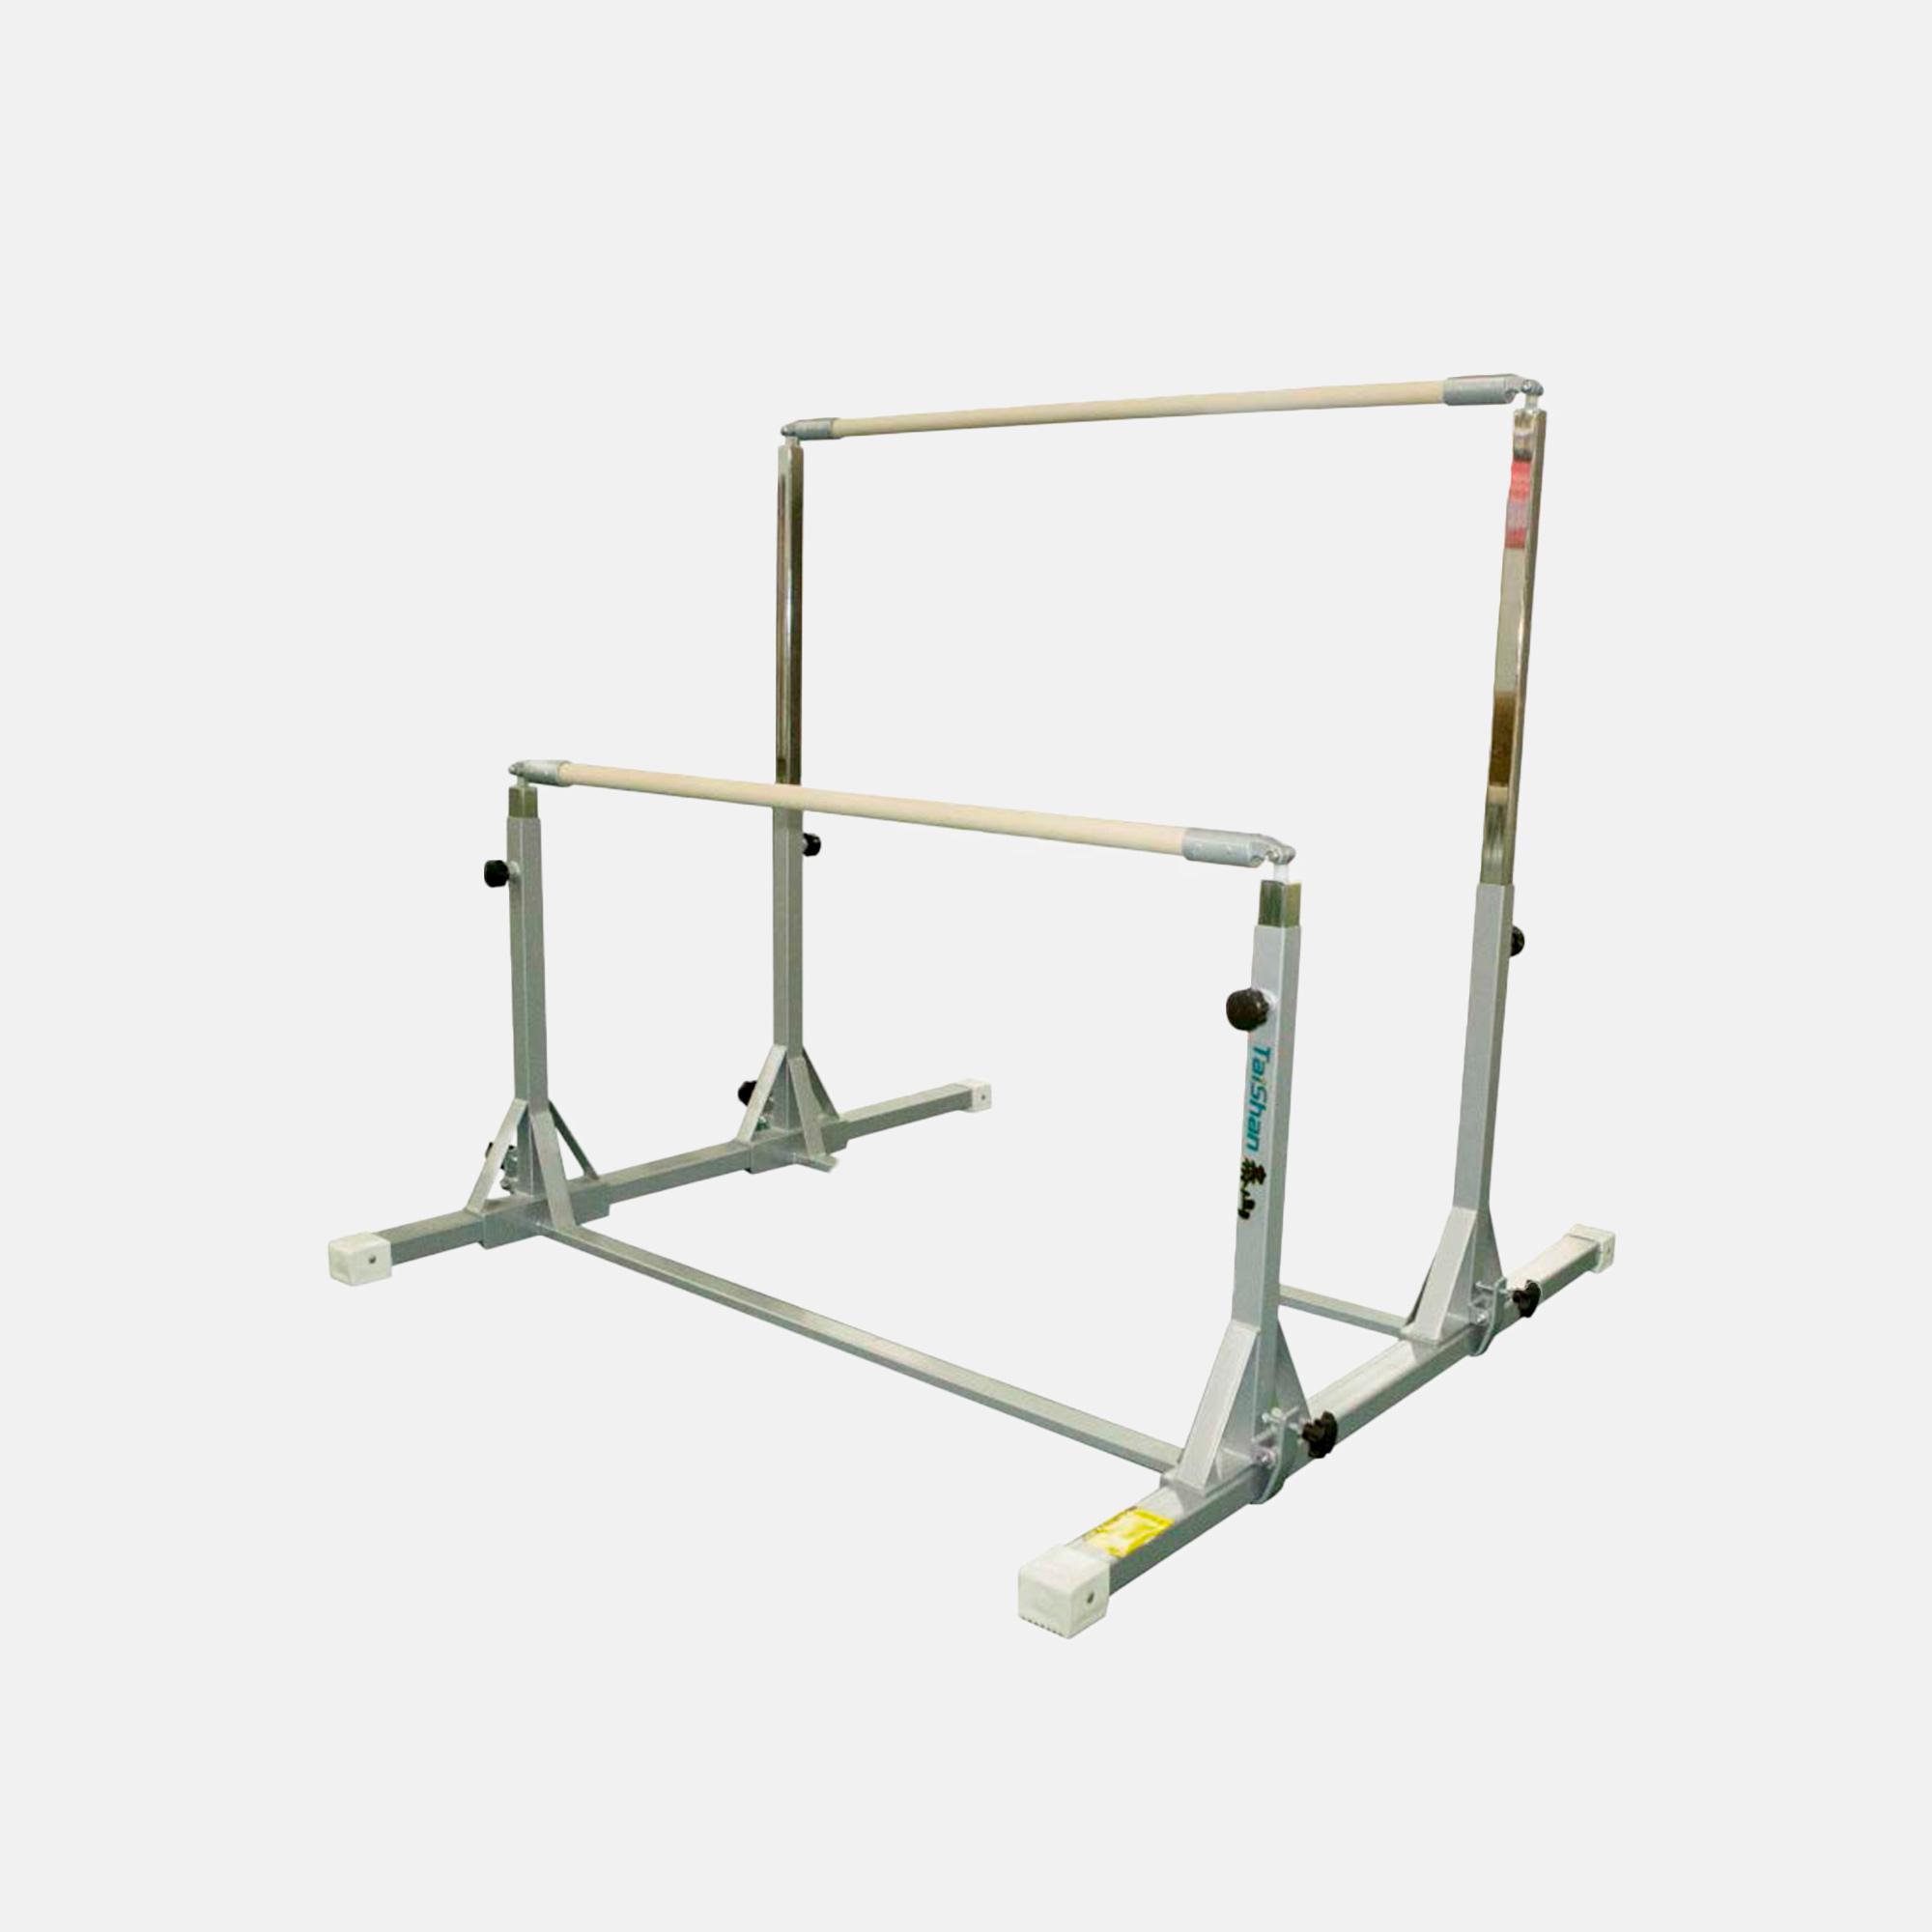 4a6b7561f338 Home / Shop / Bars / Uneven Bars